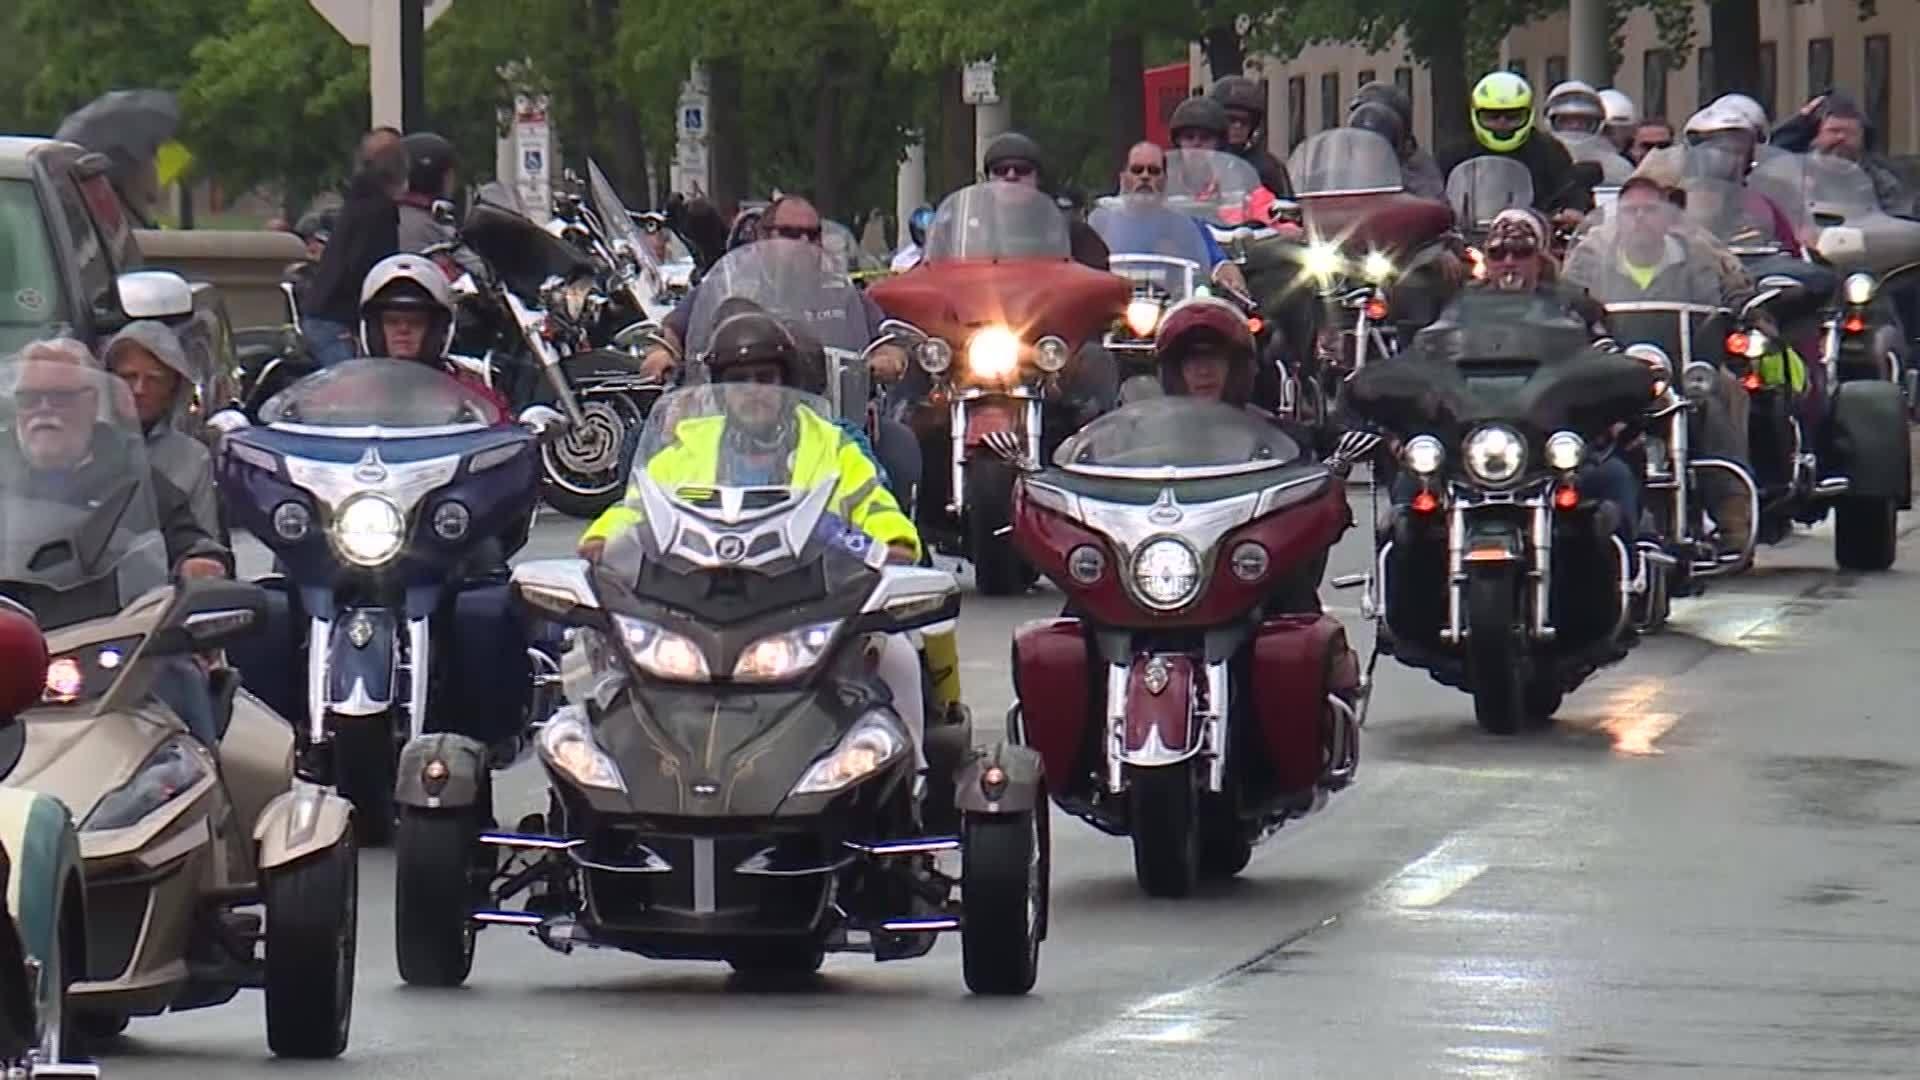 Bikers honor fallen firefighters